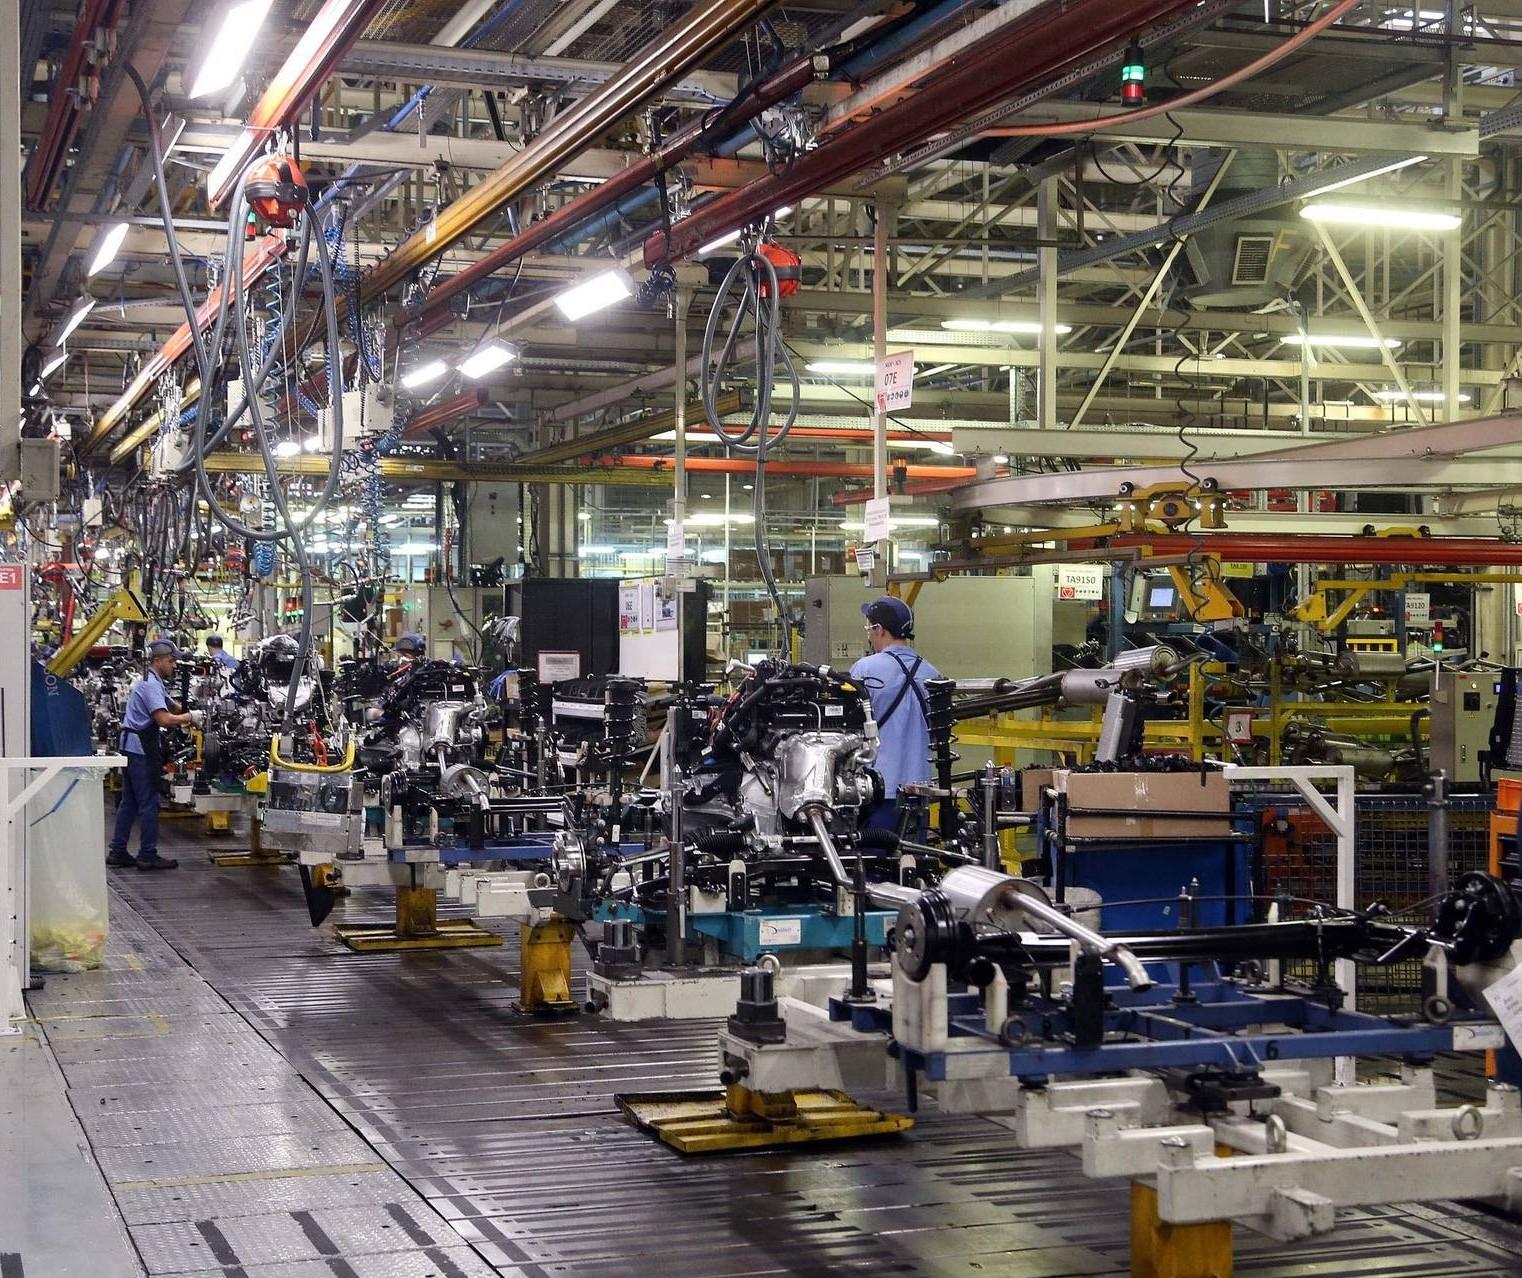 Pesquisa aponta crescimento na confiança do empresário do setor industrial